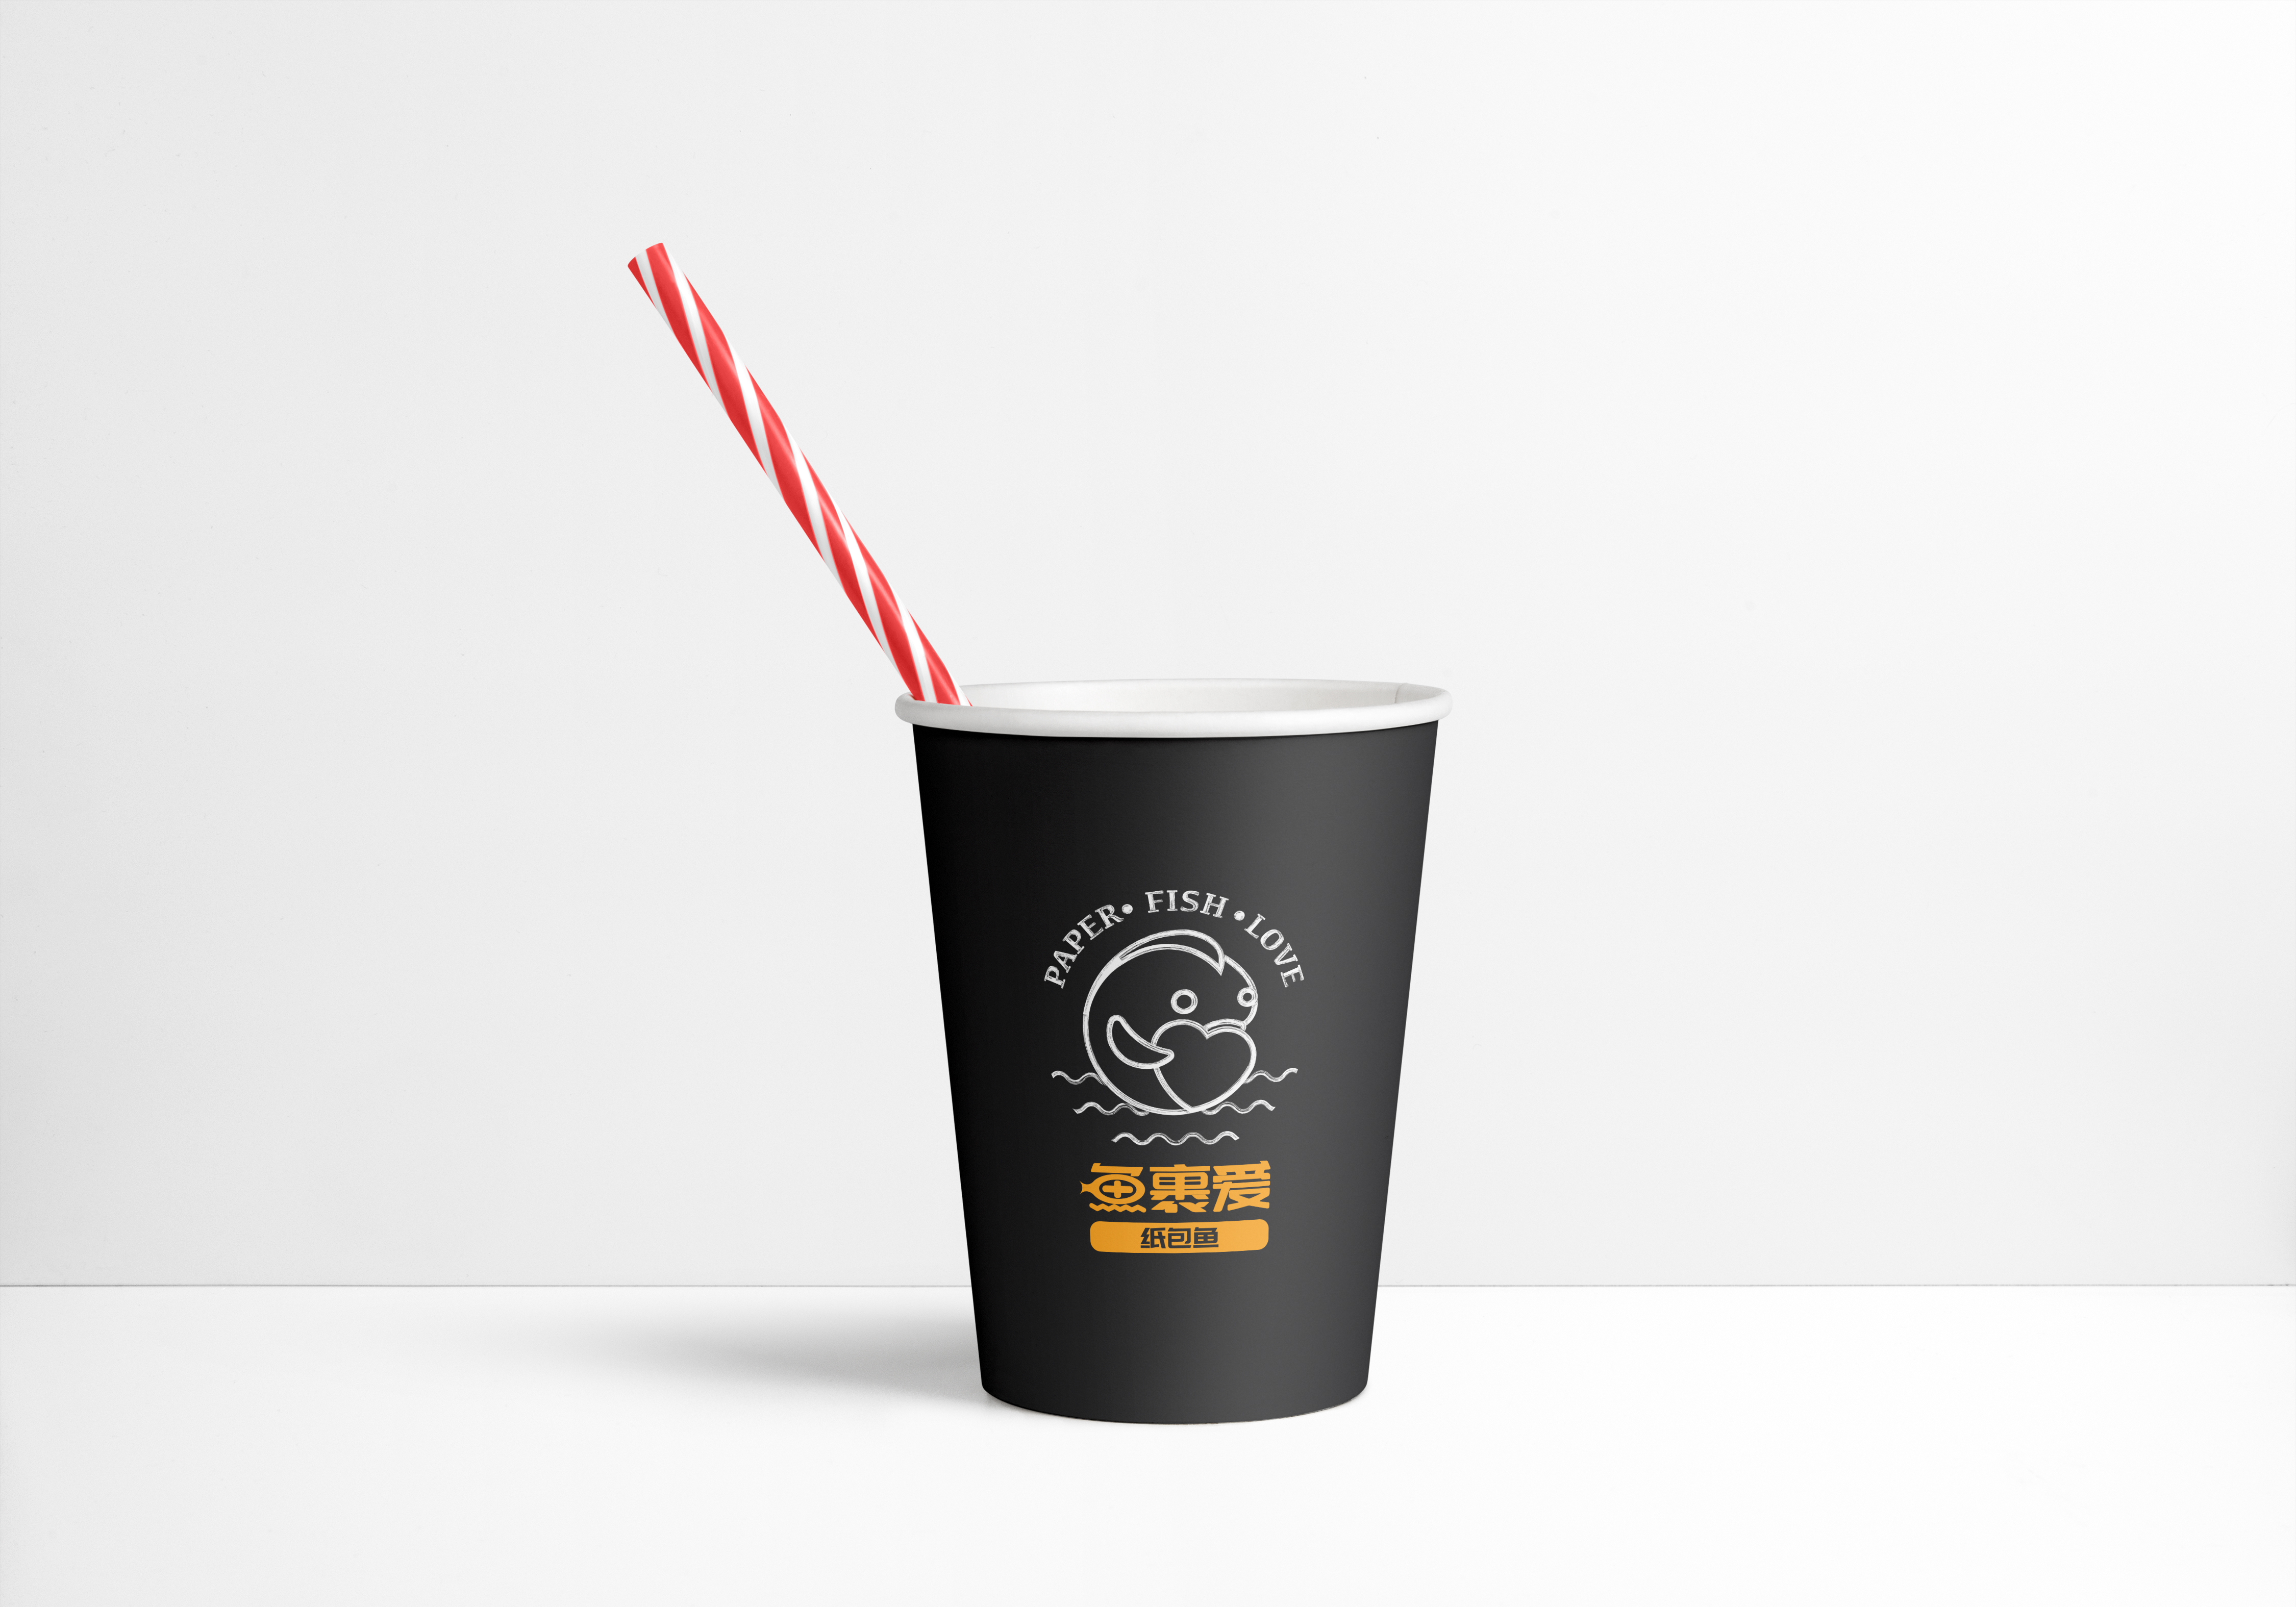 纸杯.jpg